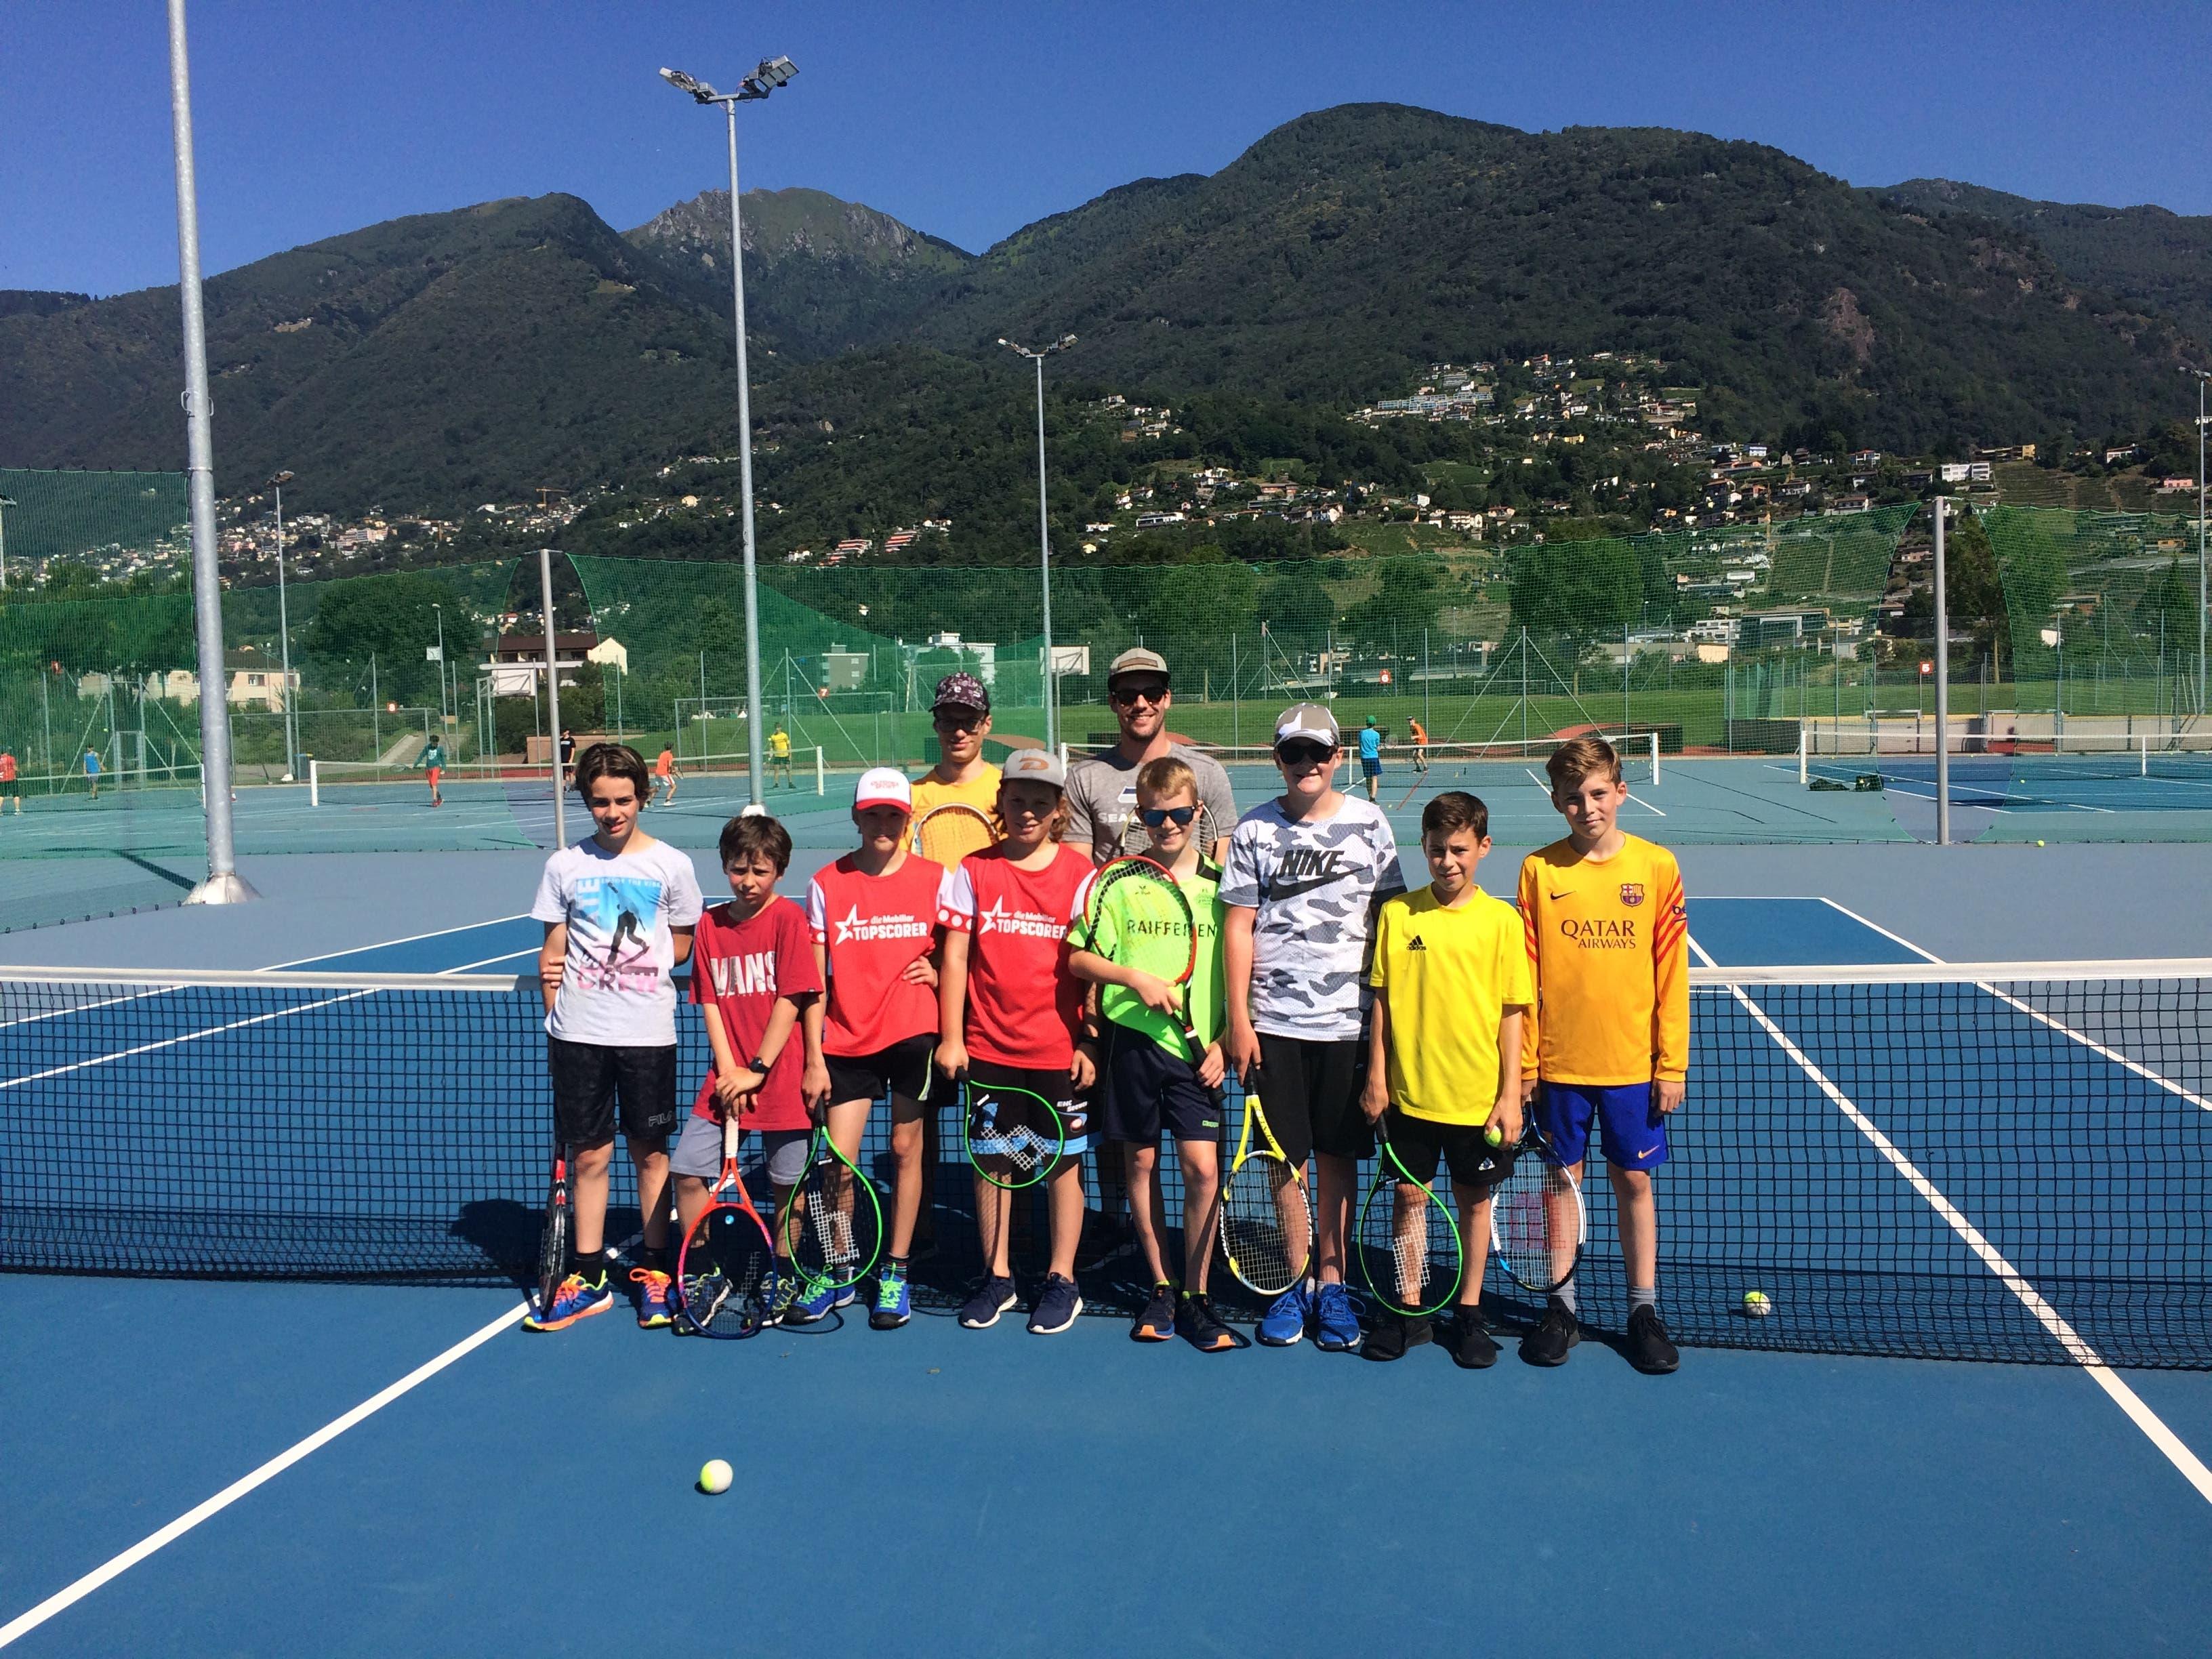 76 sportbegeisterte Urner Fünft- und Sechstklässler nehmen am kantonalen Urner Polysportlager im Centro Sportivo Tenero teil. Tennis ist eine der angebotenen Sportarten.